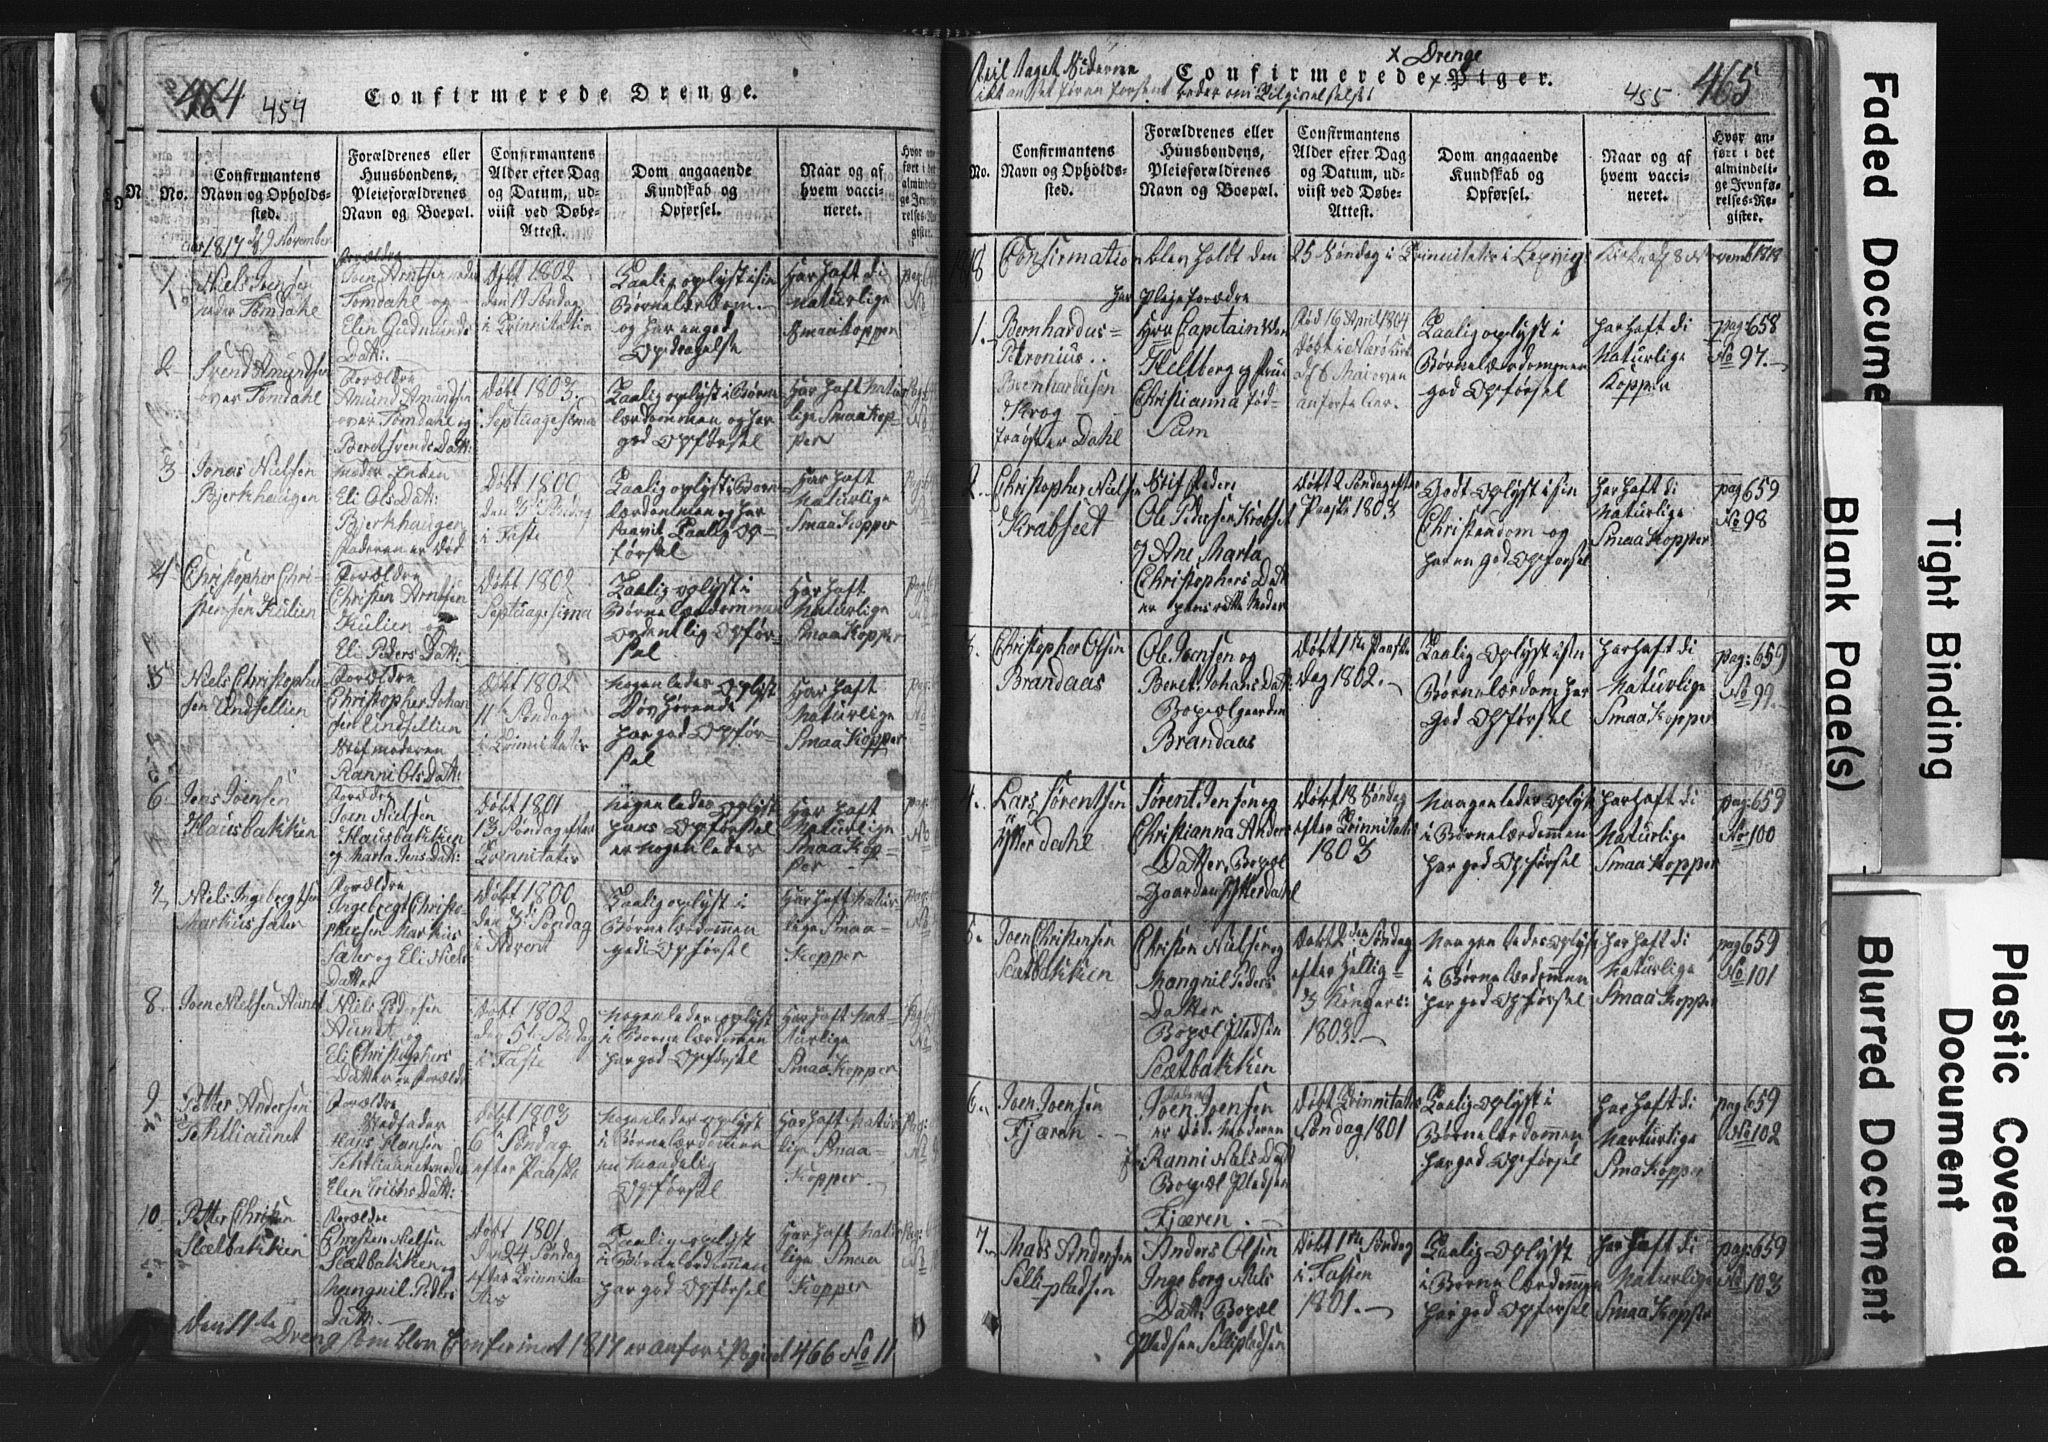 SAT, Ministerialprotokoller, klokkerbøker og fødselsregistre - Nord-Trøndelag, 701/L0017: Klokkerbok nr. 701C01, 1817-1825, s. 454-455